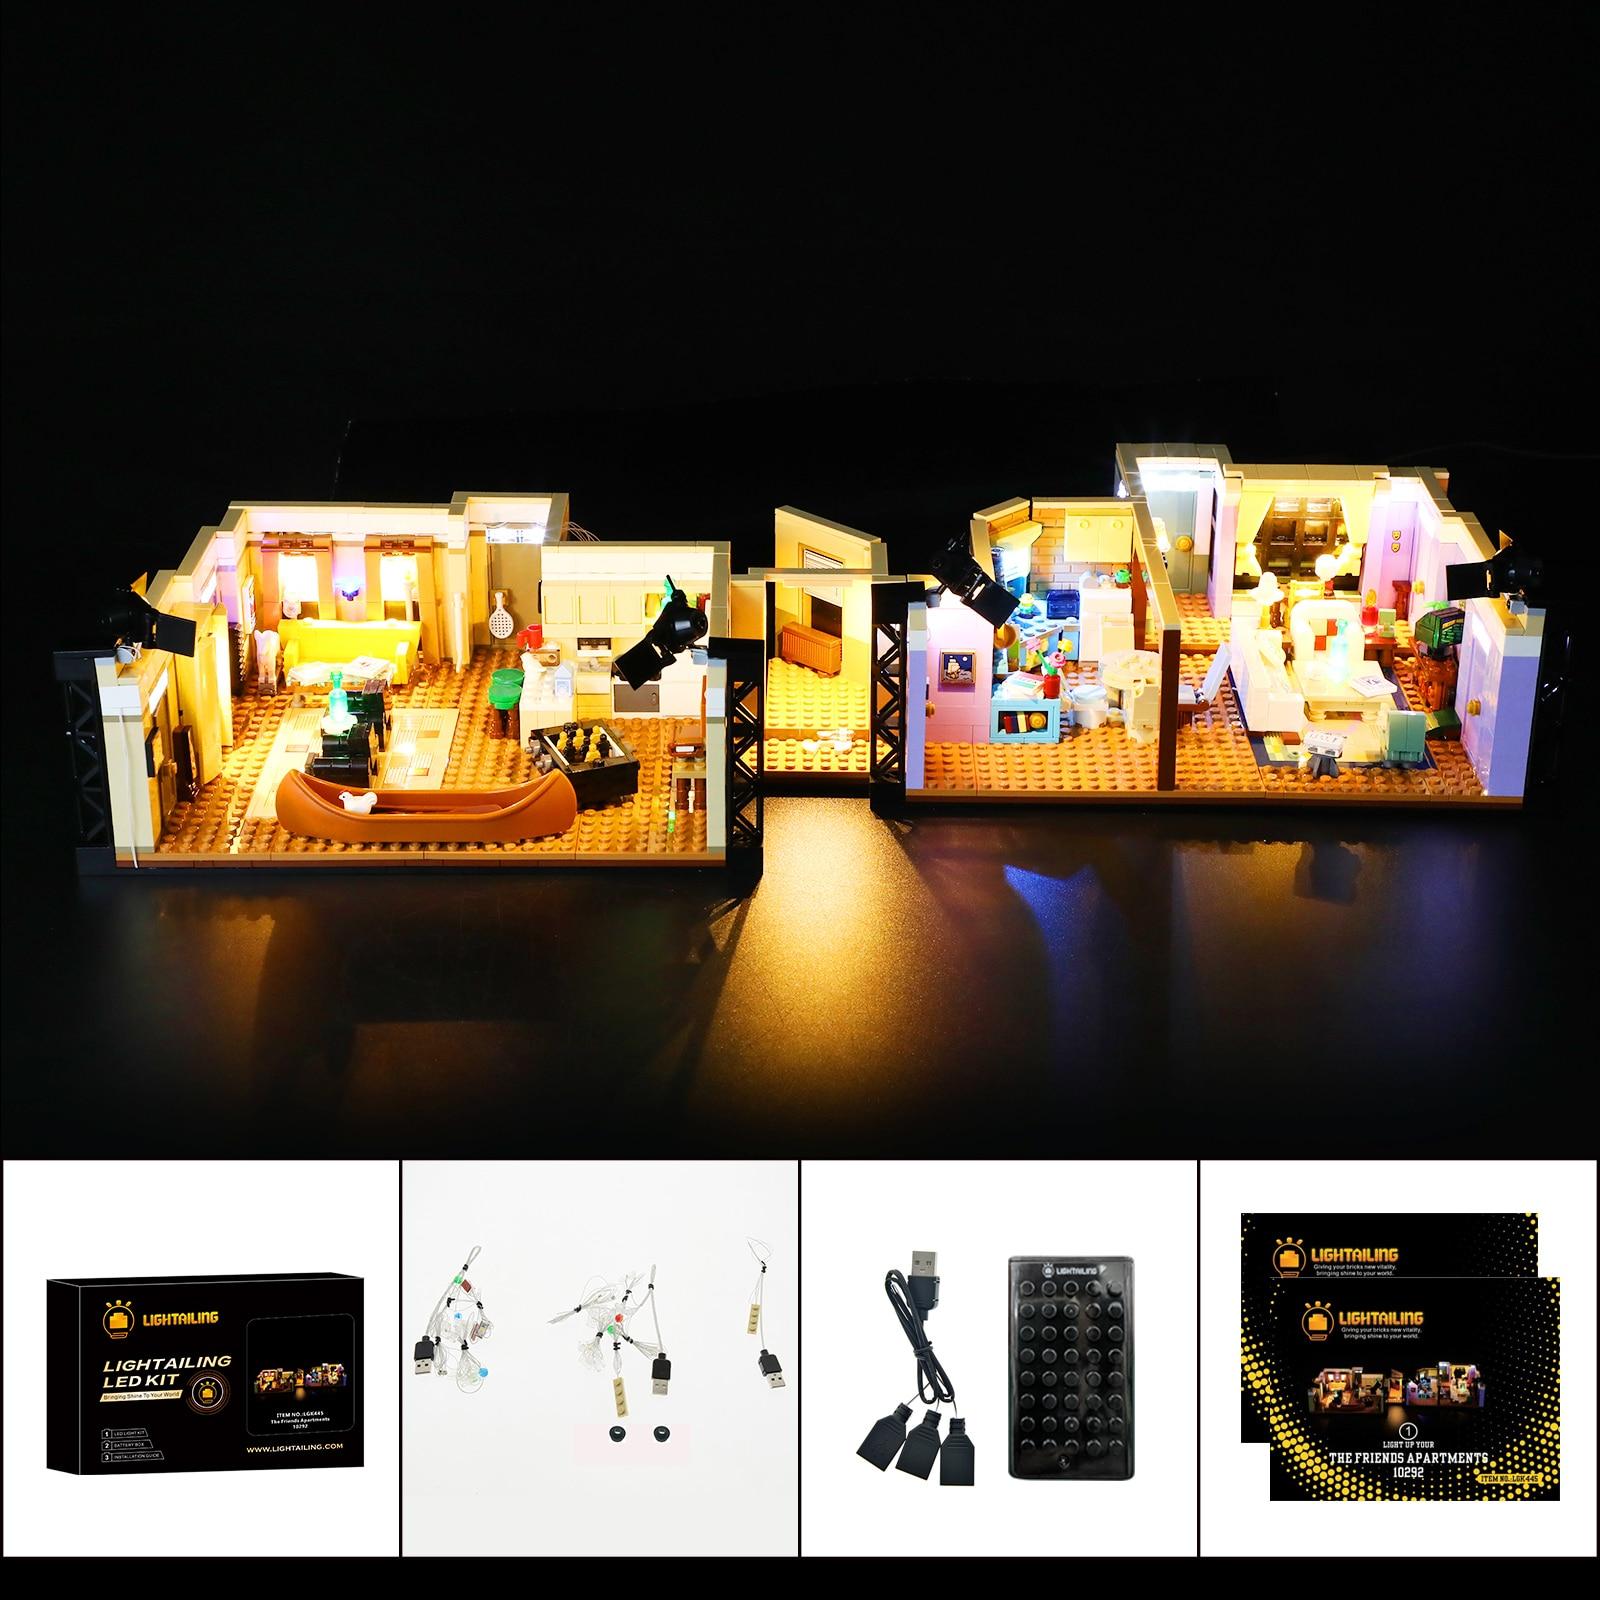 Комплект со светодиодной подсветкой для 10292 друзей и квартир